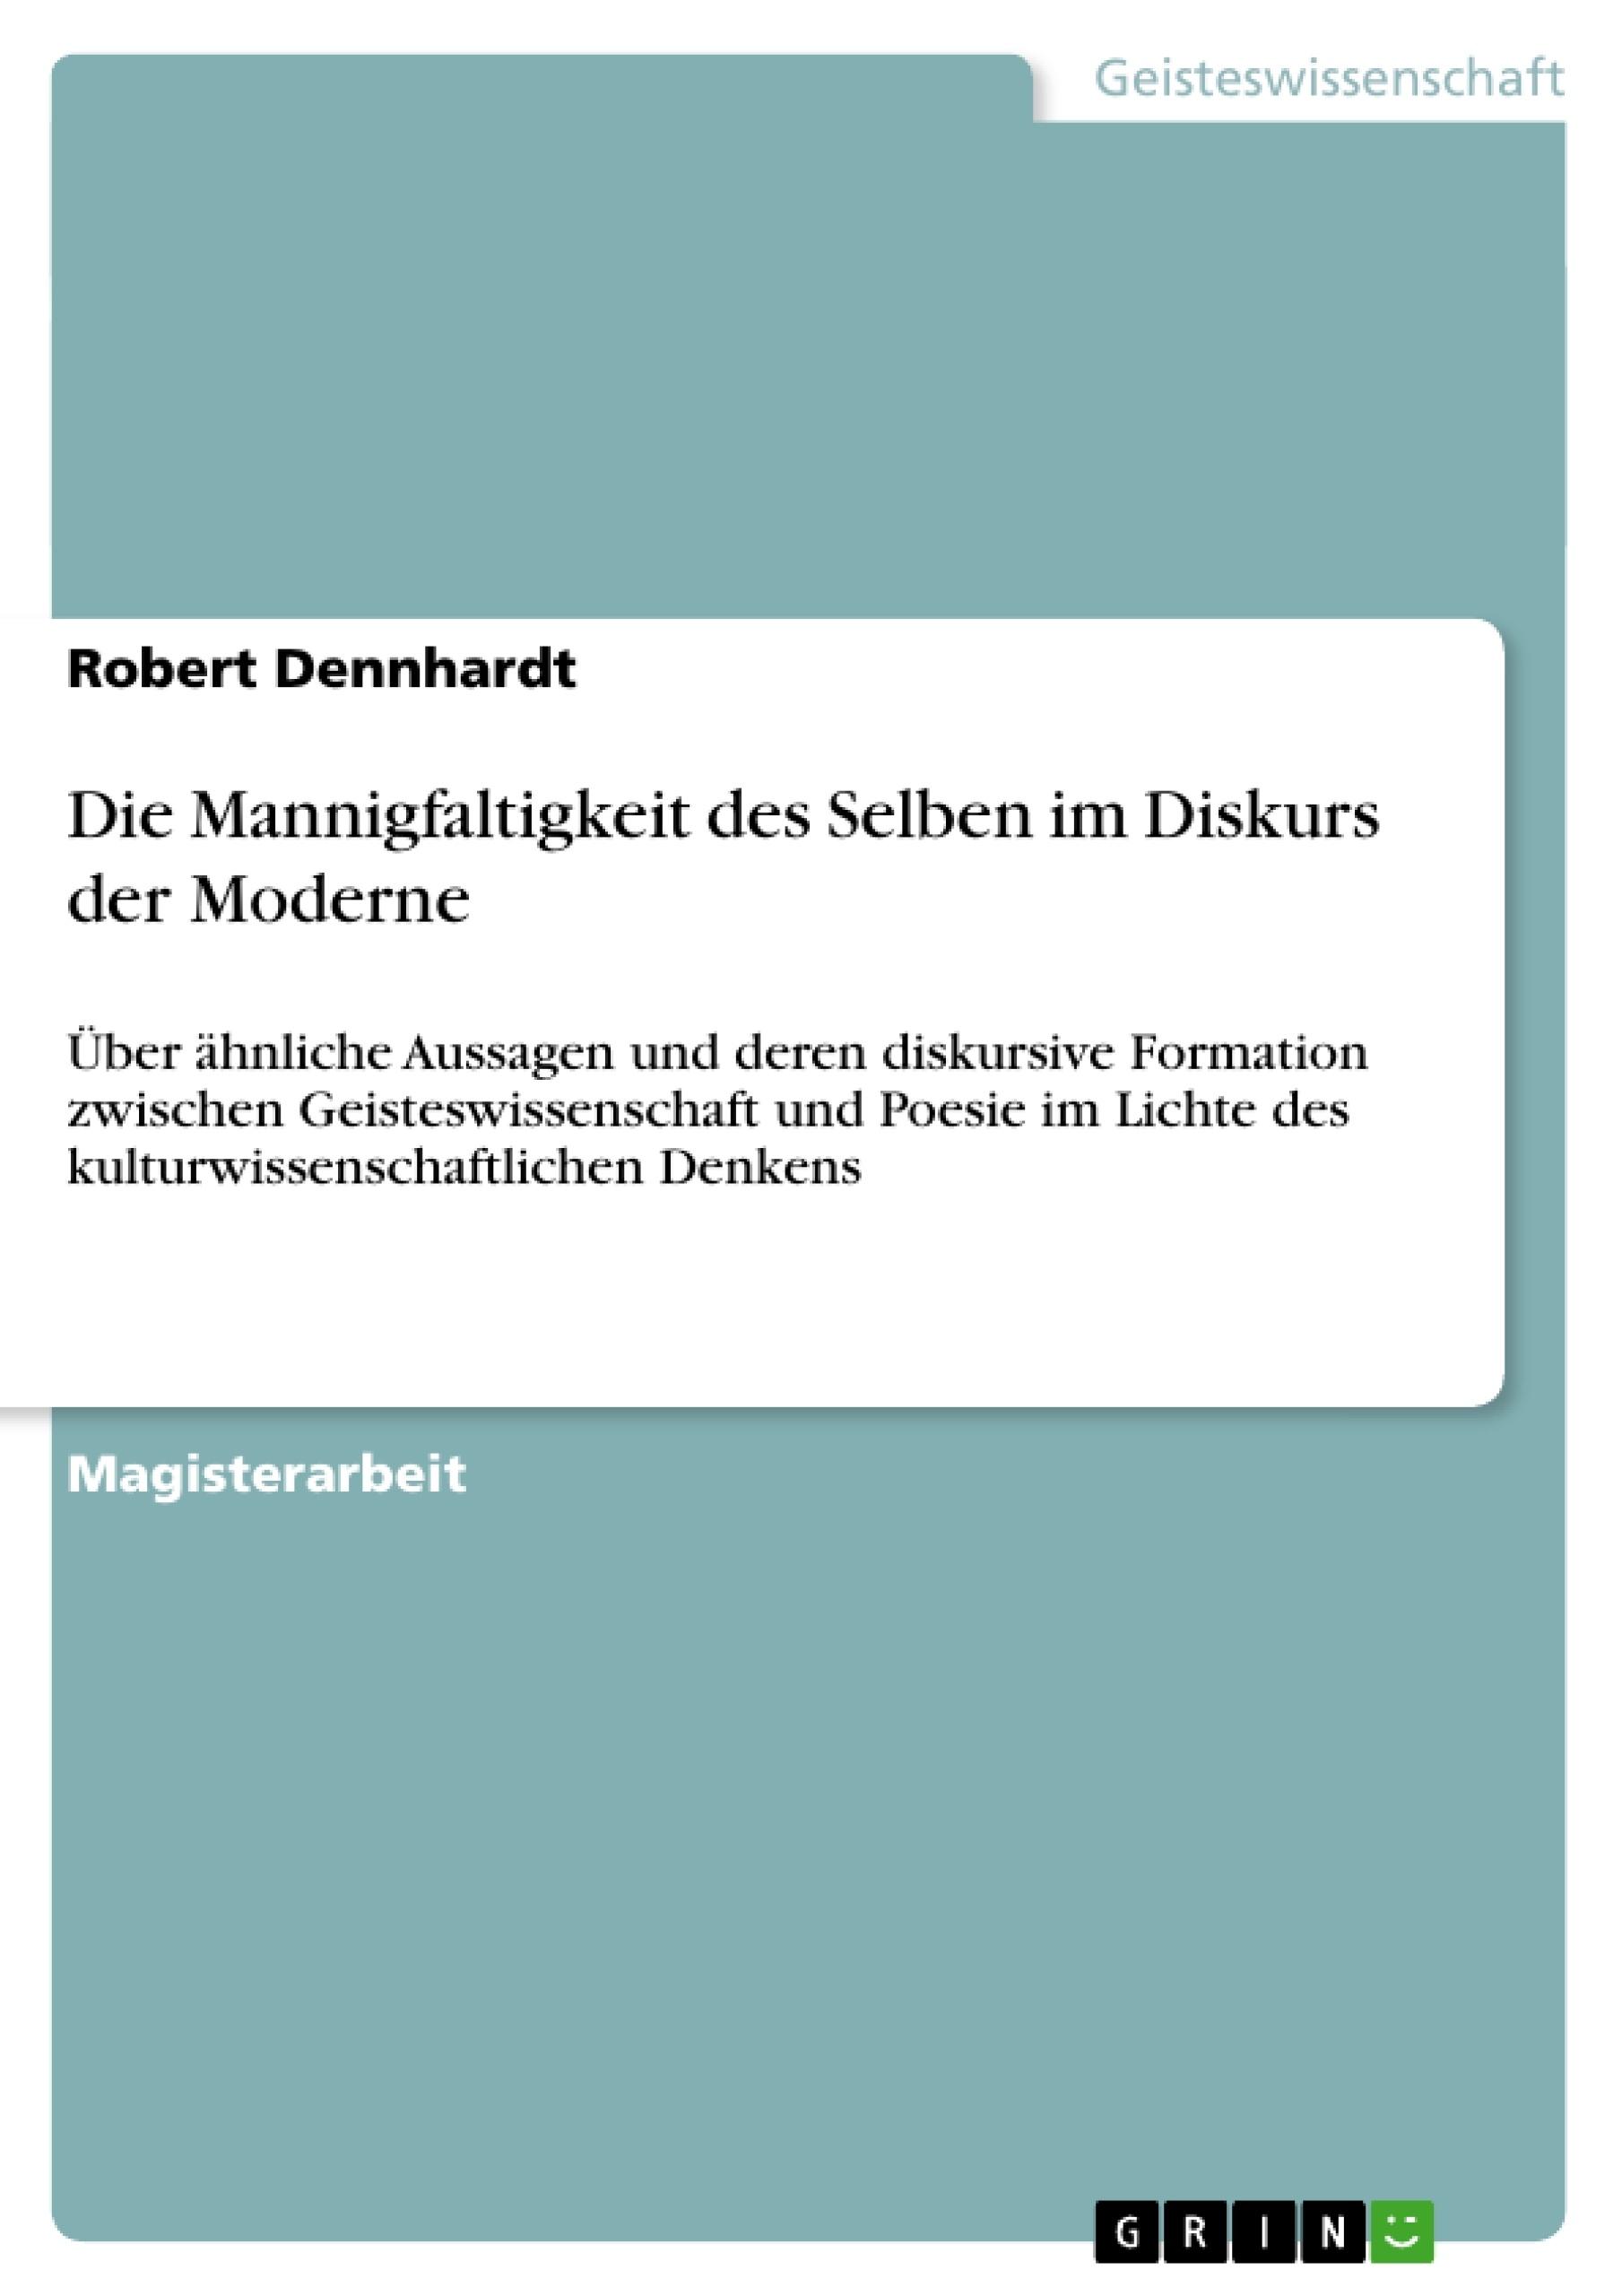 Titel: Die Mannigfaltigkeit des Selben im Diskurs der Moderne